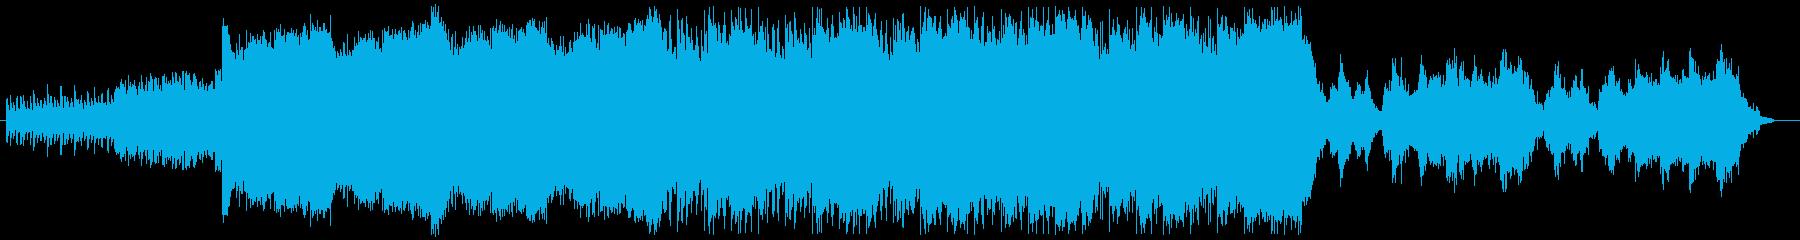 シンプルなピアノから始まり、ヒーリング的の再生済みの波形